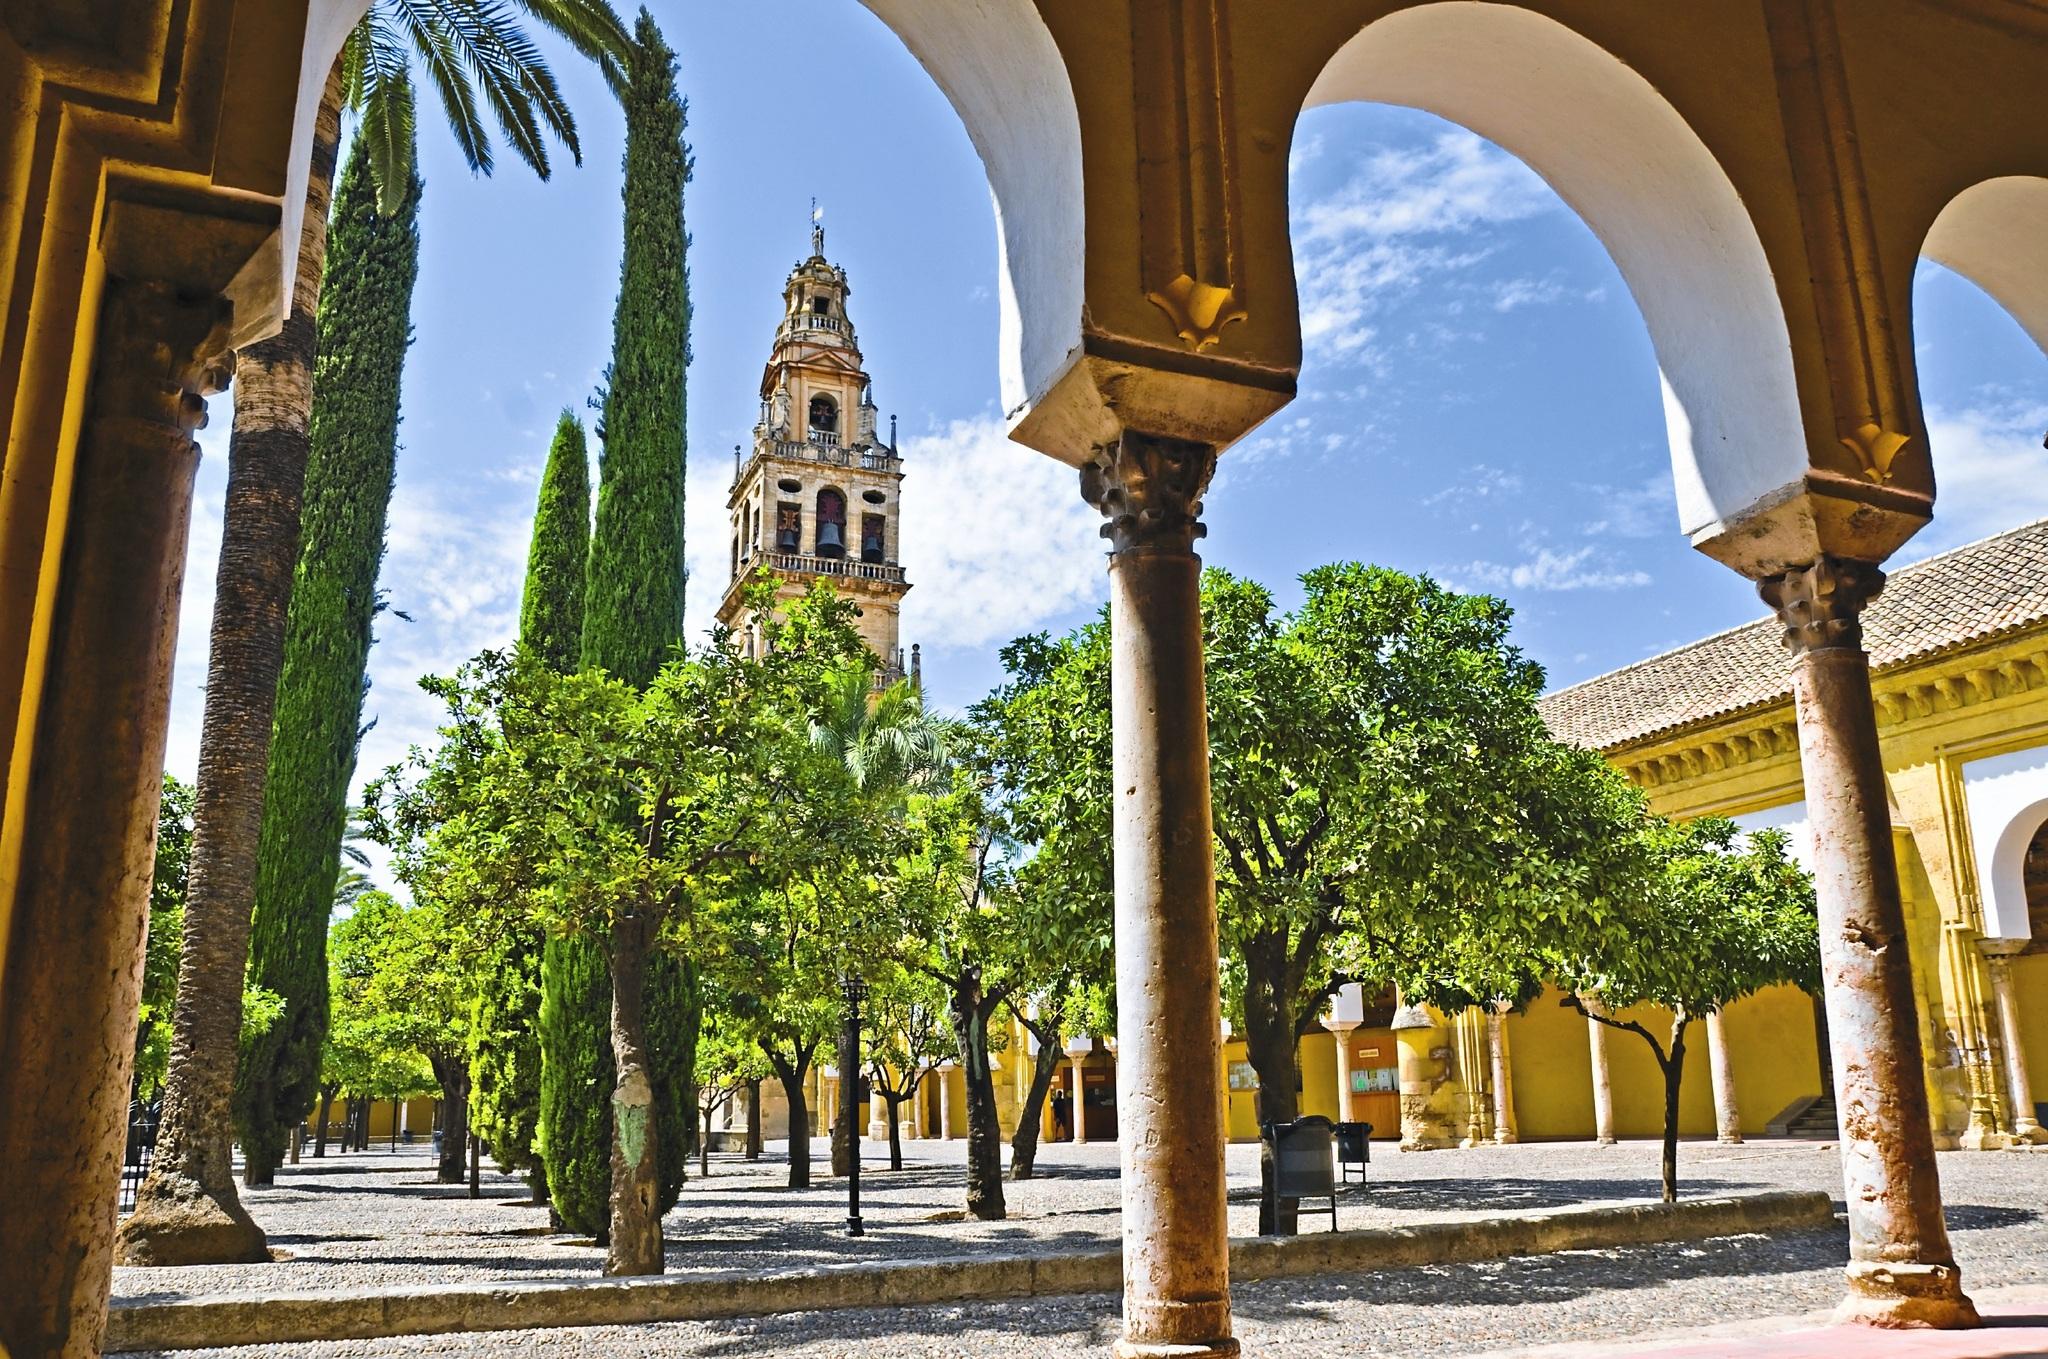 Europa Spanien Cordoba Orangenhof Mezquita